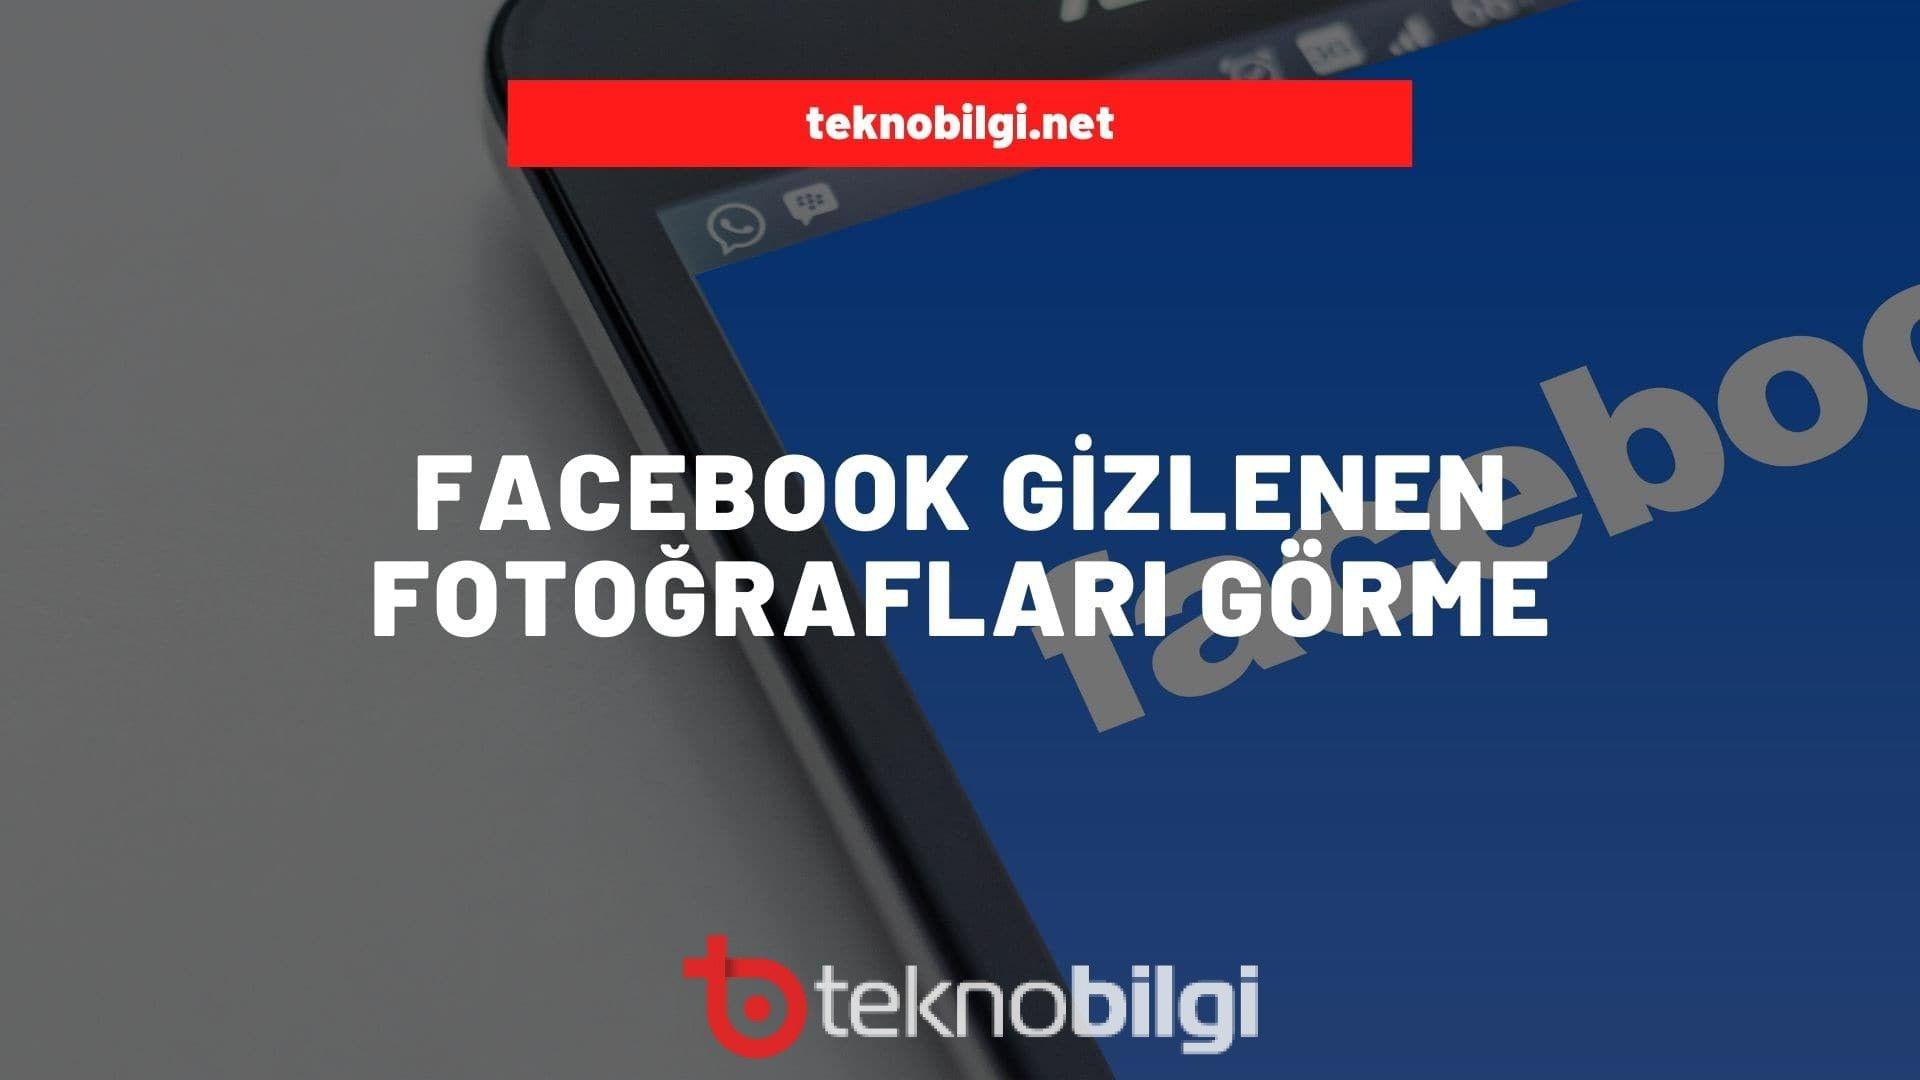 Facebook Gizlenen Fotograflari Gorme 2020 Facebook Profil Gorme Hilesi 2019 Facebook Gizli Profil Gorme 2019 Arkadasin Facebook Fotograf Sosyal Guvenlik